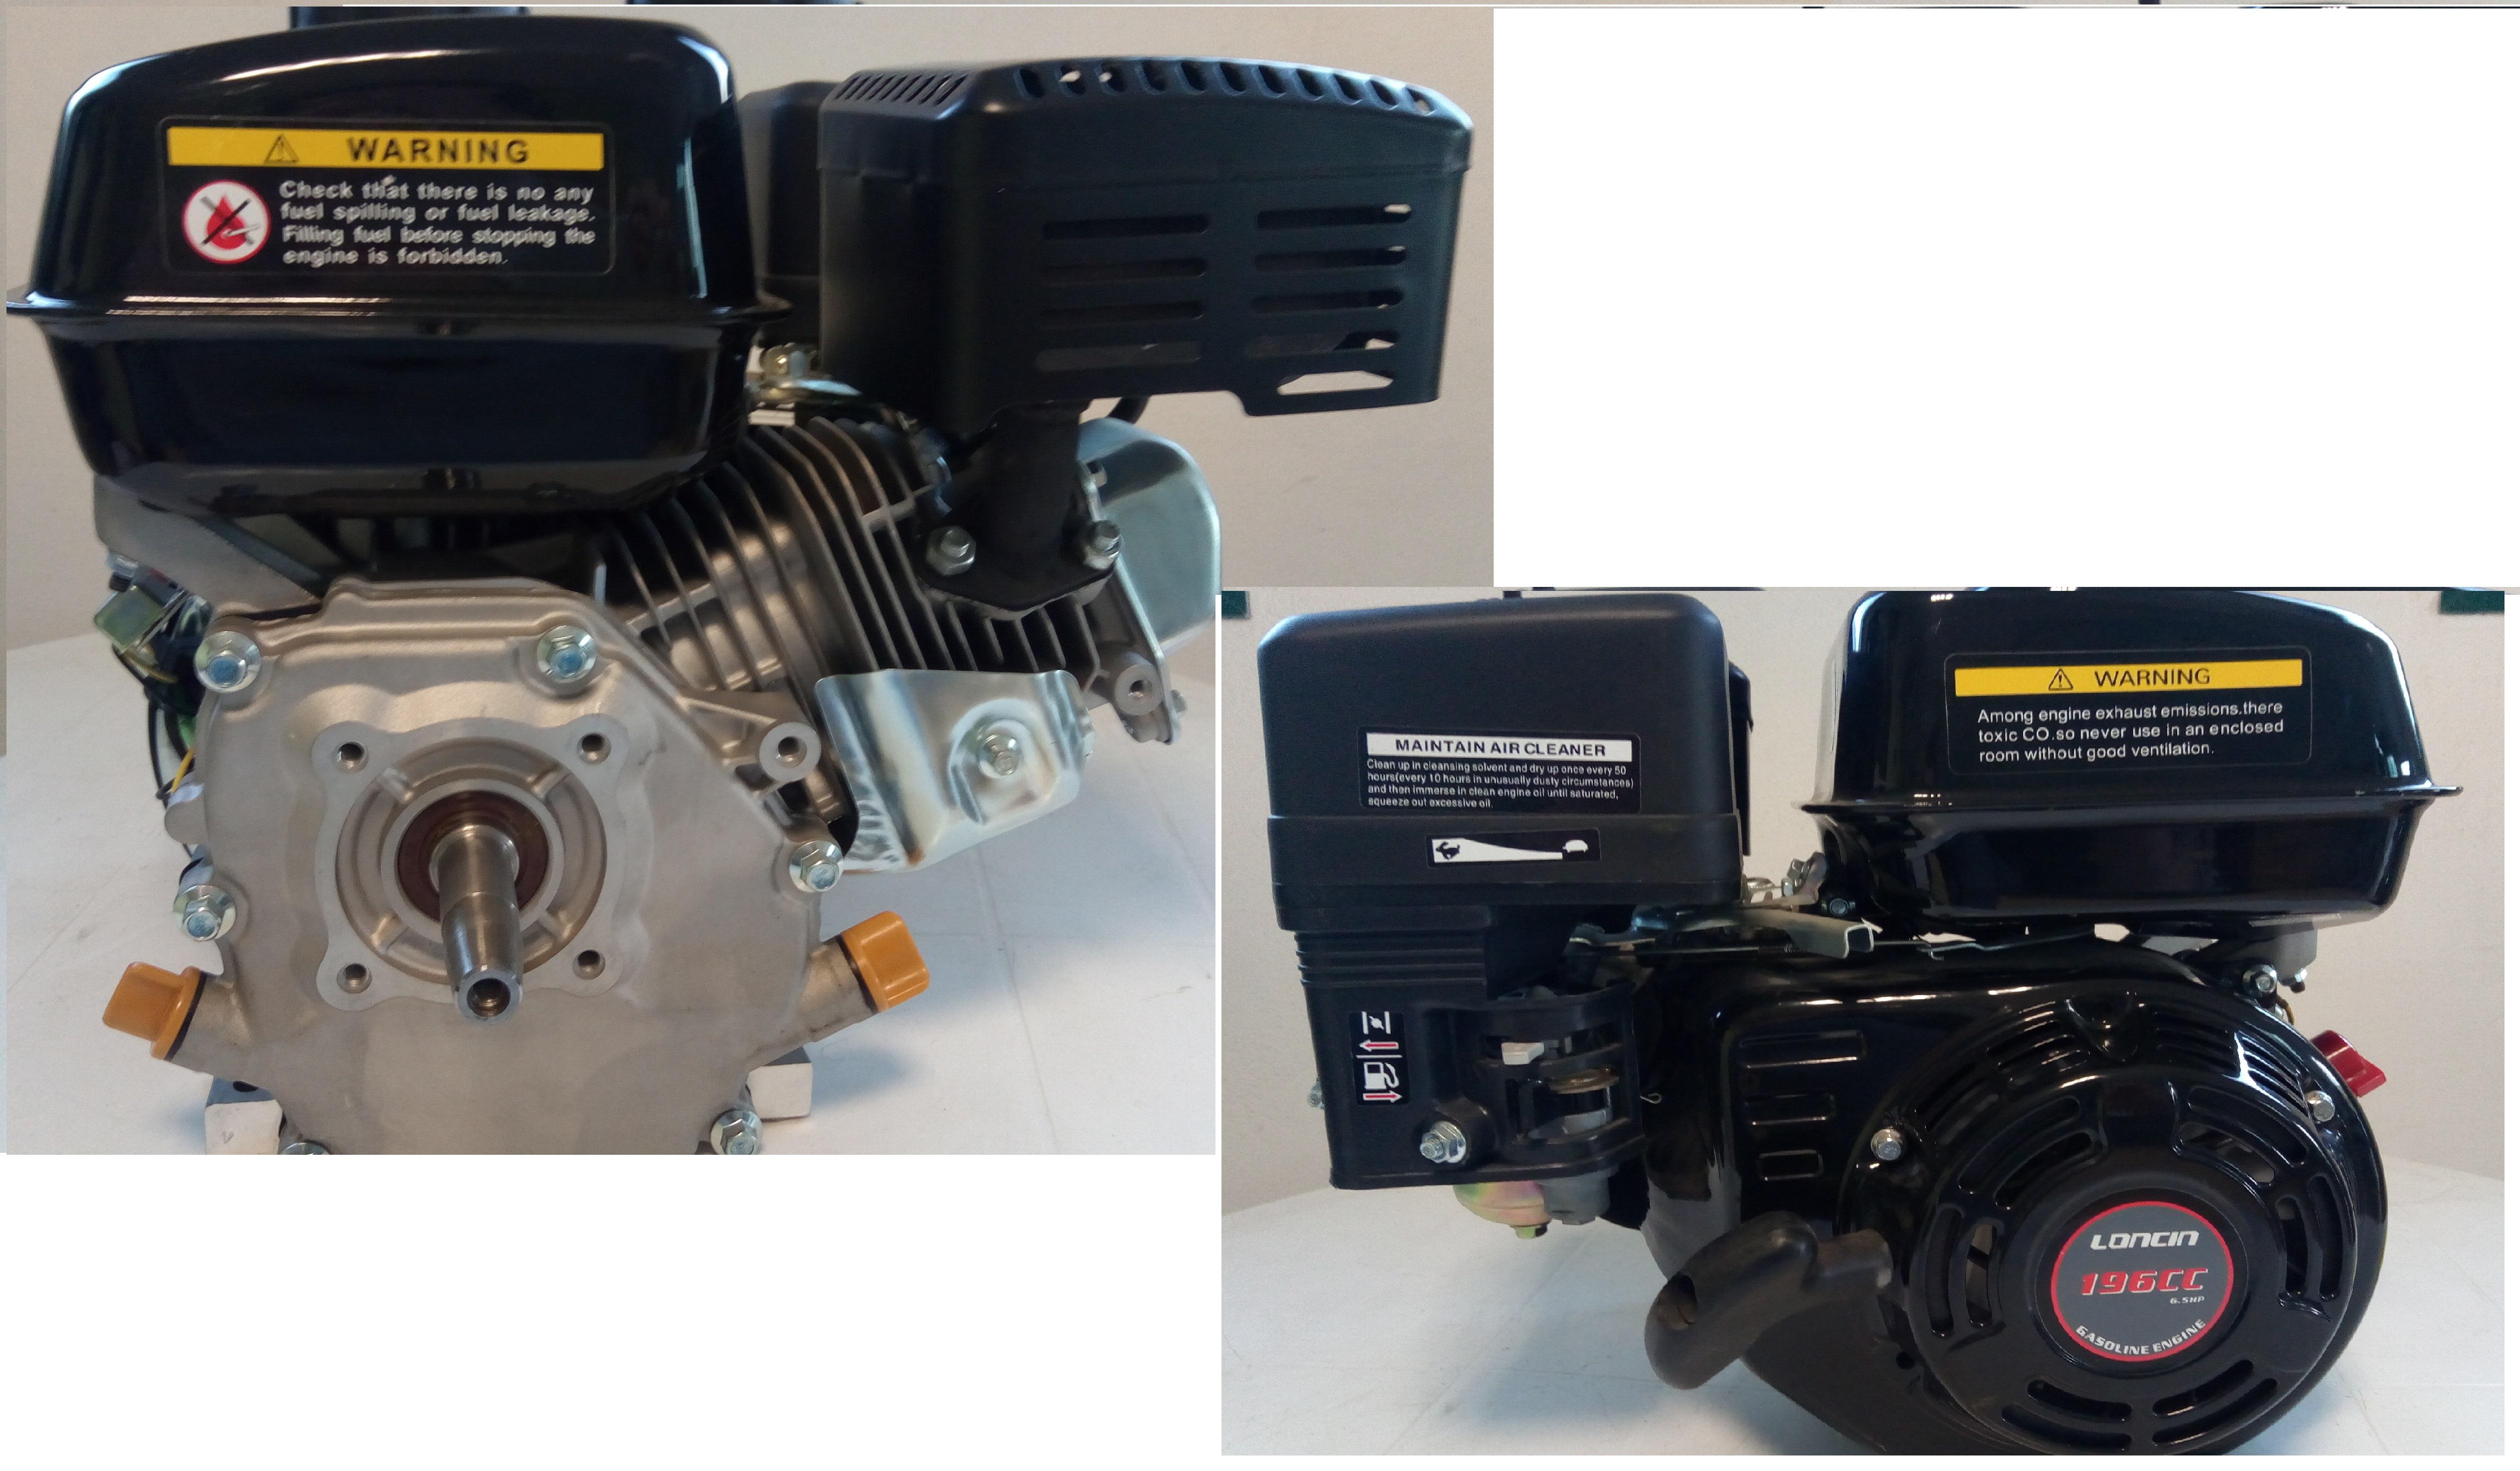 Loncin G200F Motore benzina 4 tempi HP 6,5 albero CILINDRICO 19,05 mm 196 CC